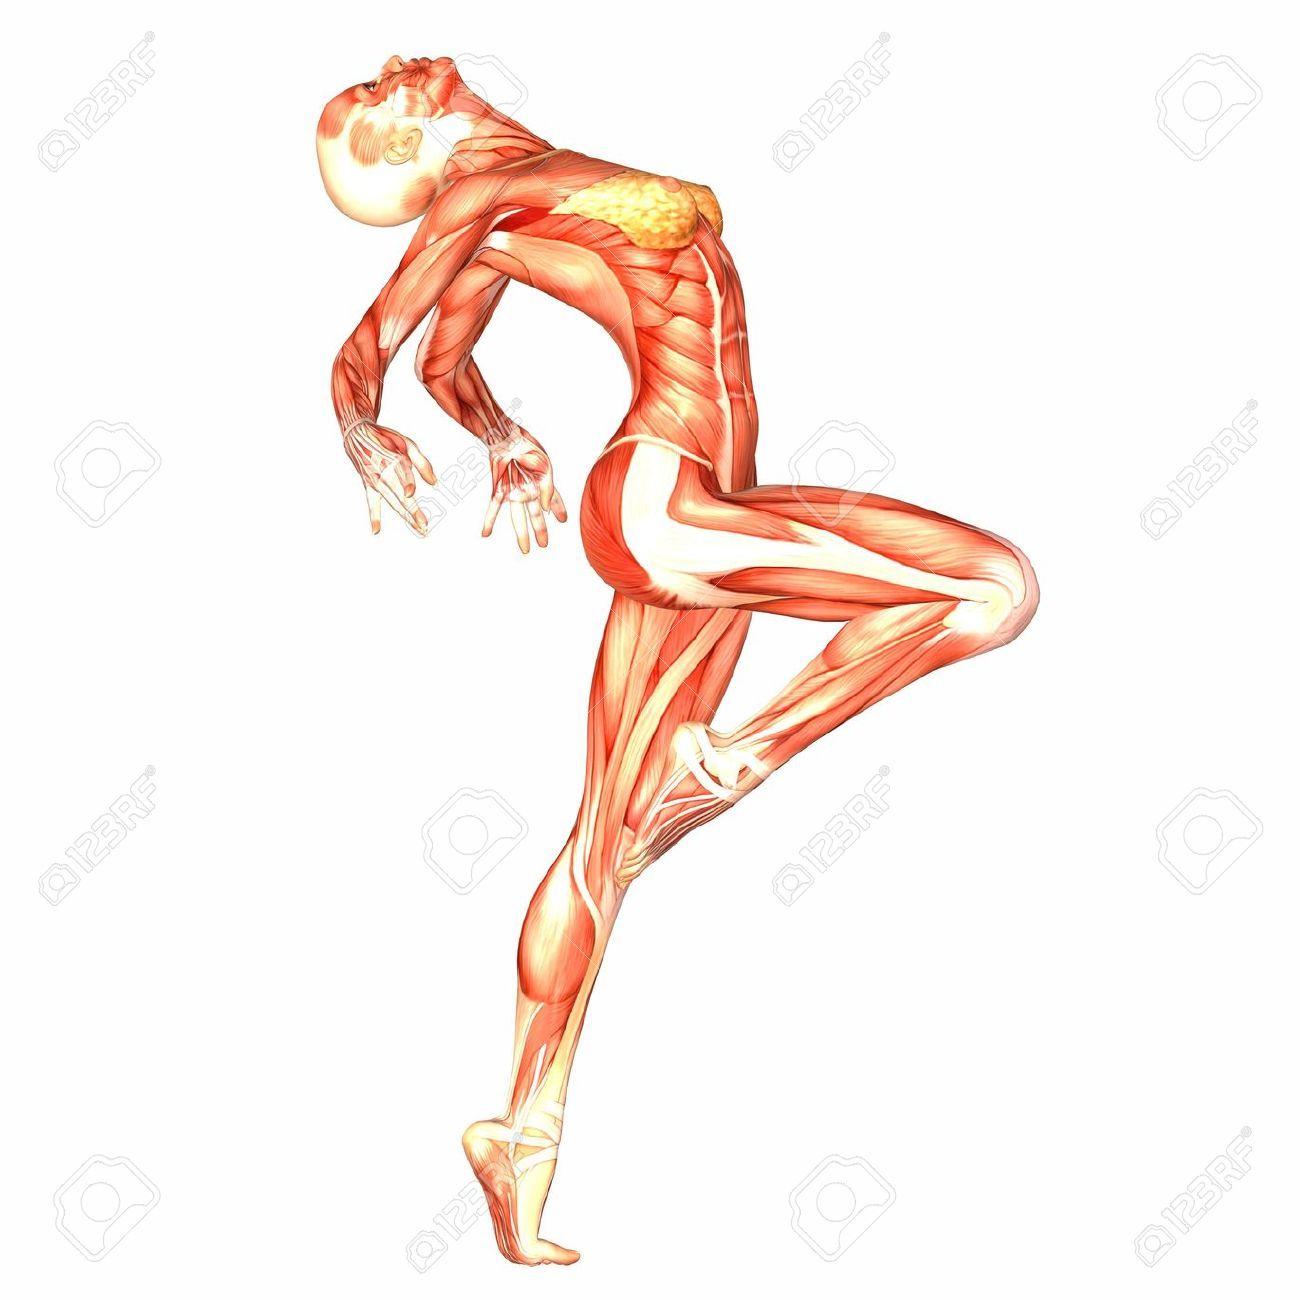 Ilustración de la anatomía del cuerpo humano femenino: Los músculos ...